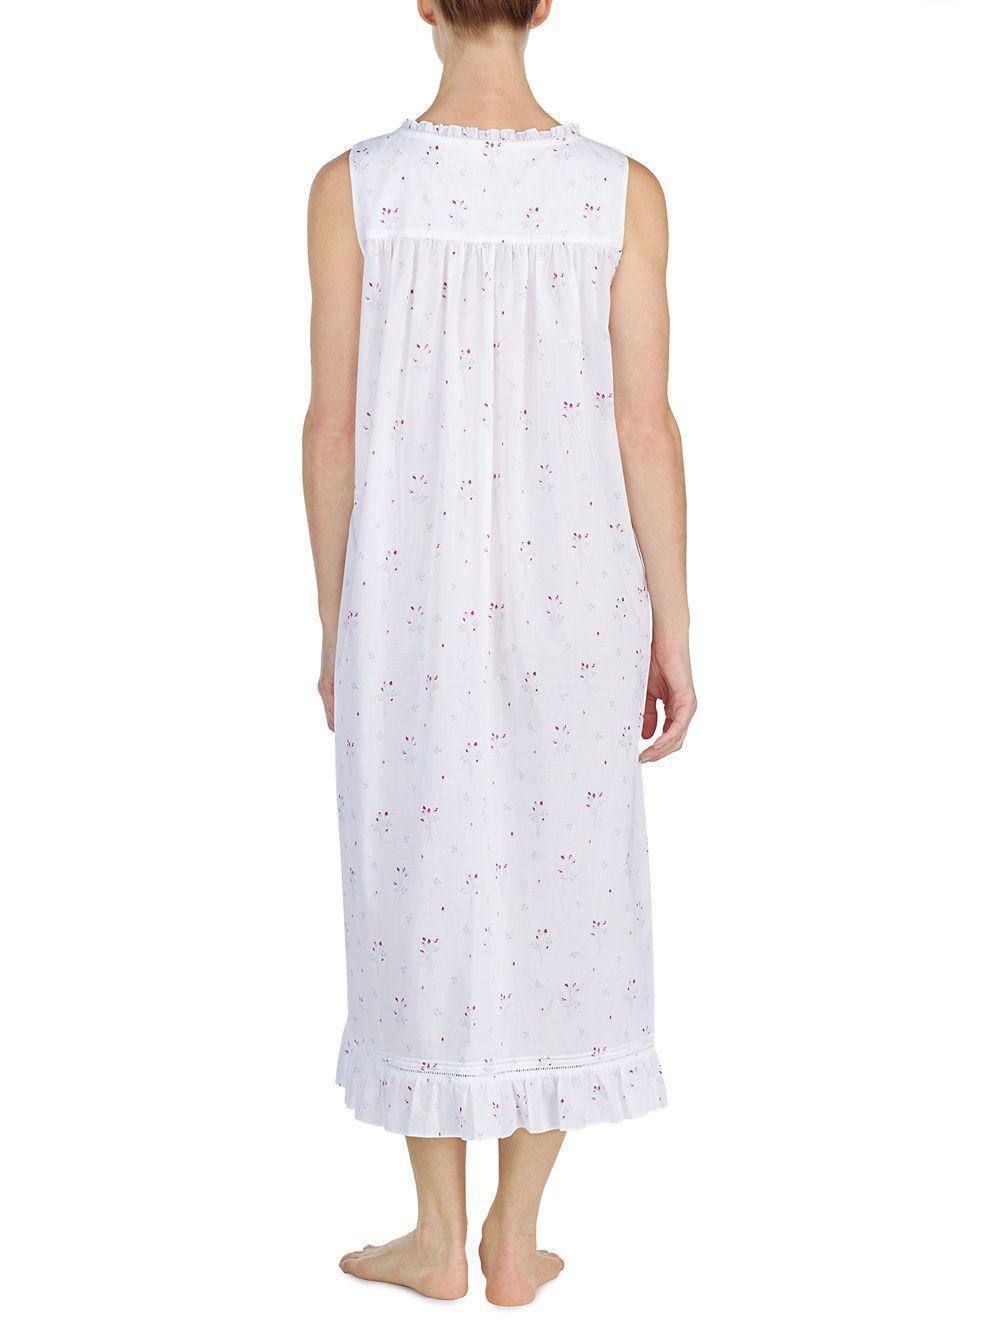 fab214c70d Eileen West - White Sleeveless Ballet Nightgown - Lyst. View fullscreen